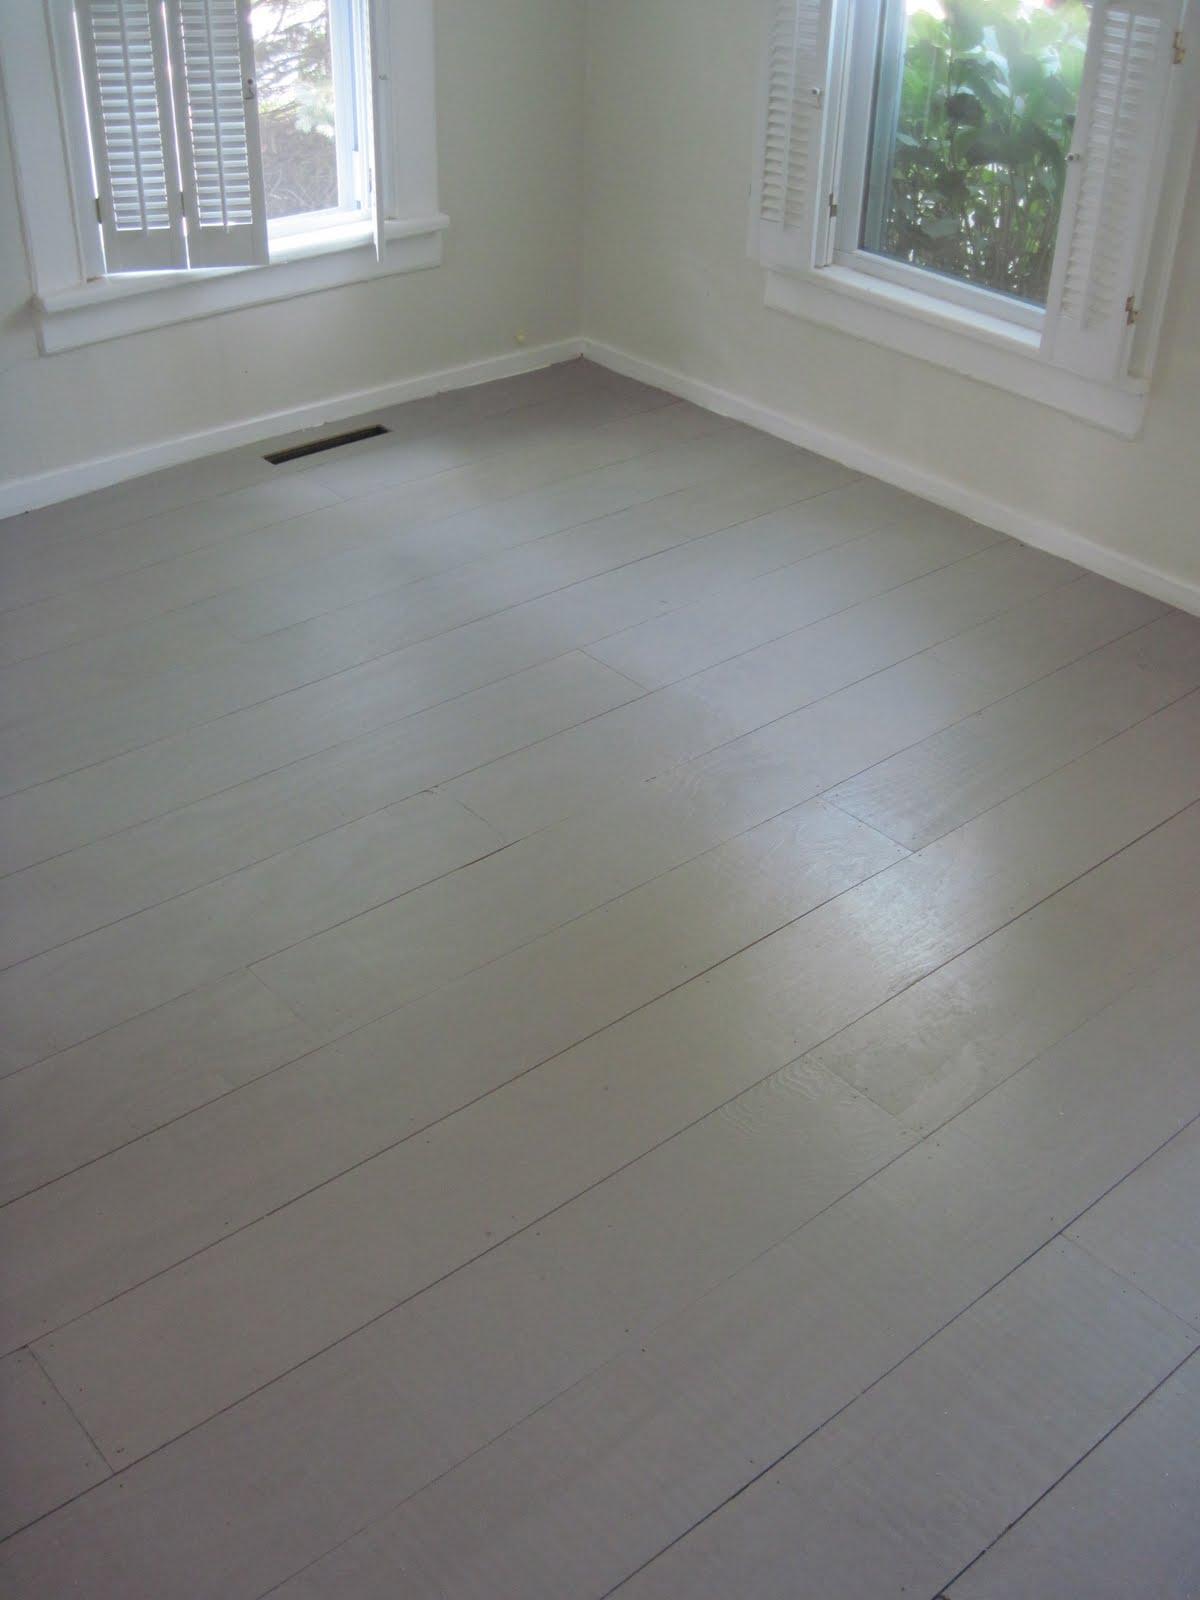 Windsor Plywood|Edmonton|Clareview|Doors|Moulding|Flooring